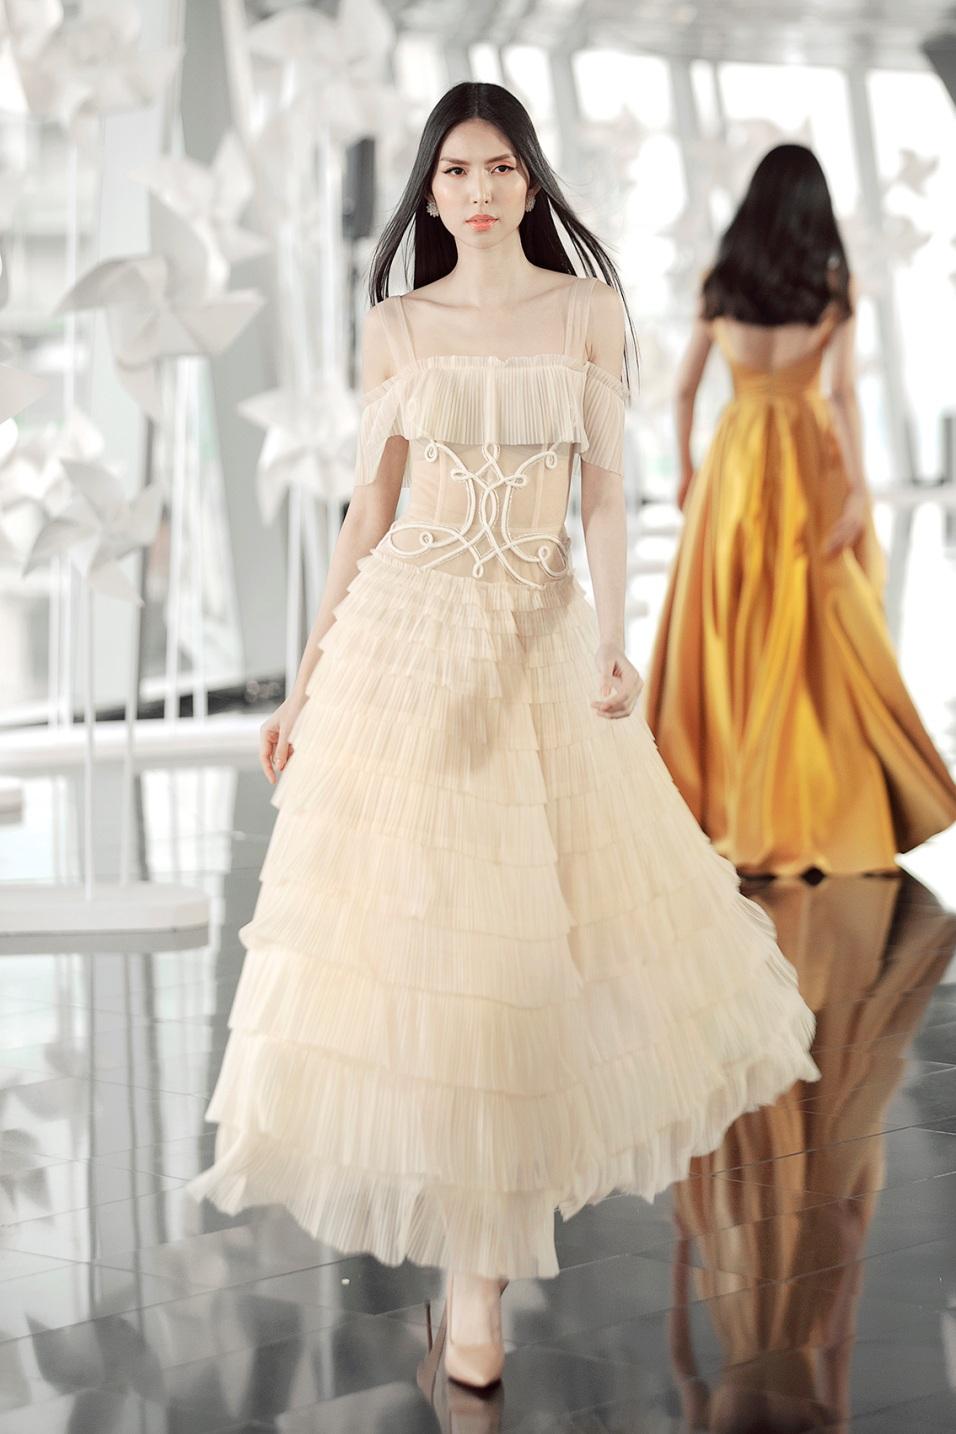 Sau fashion show cực thành công, NTK Chung Thanh Phong bất ngờ tiết lộ bí mật sau hậu trường - Ảnh 10.